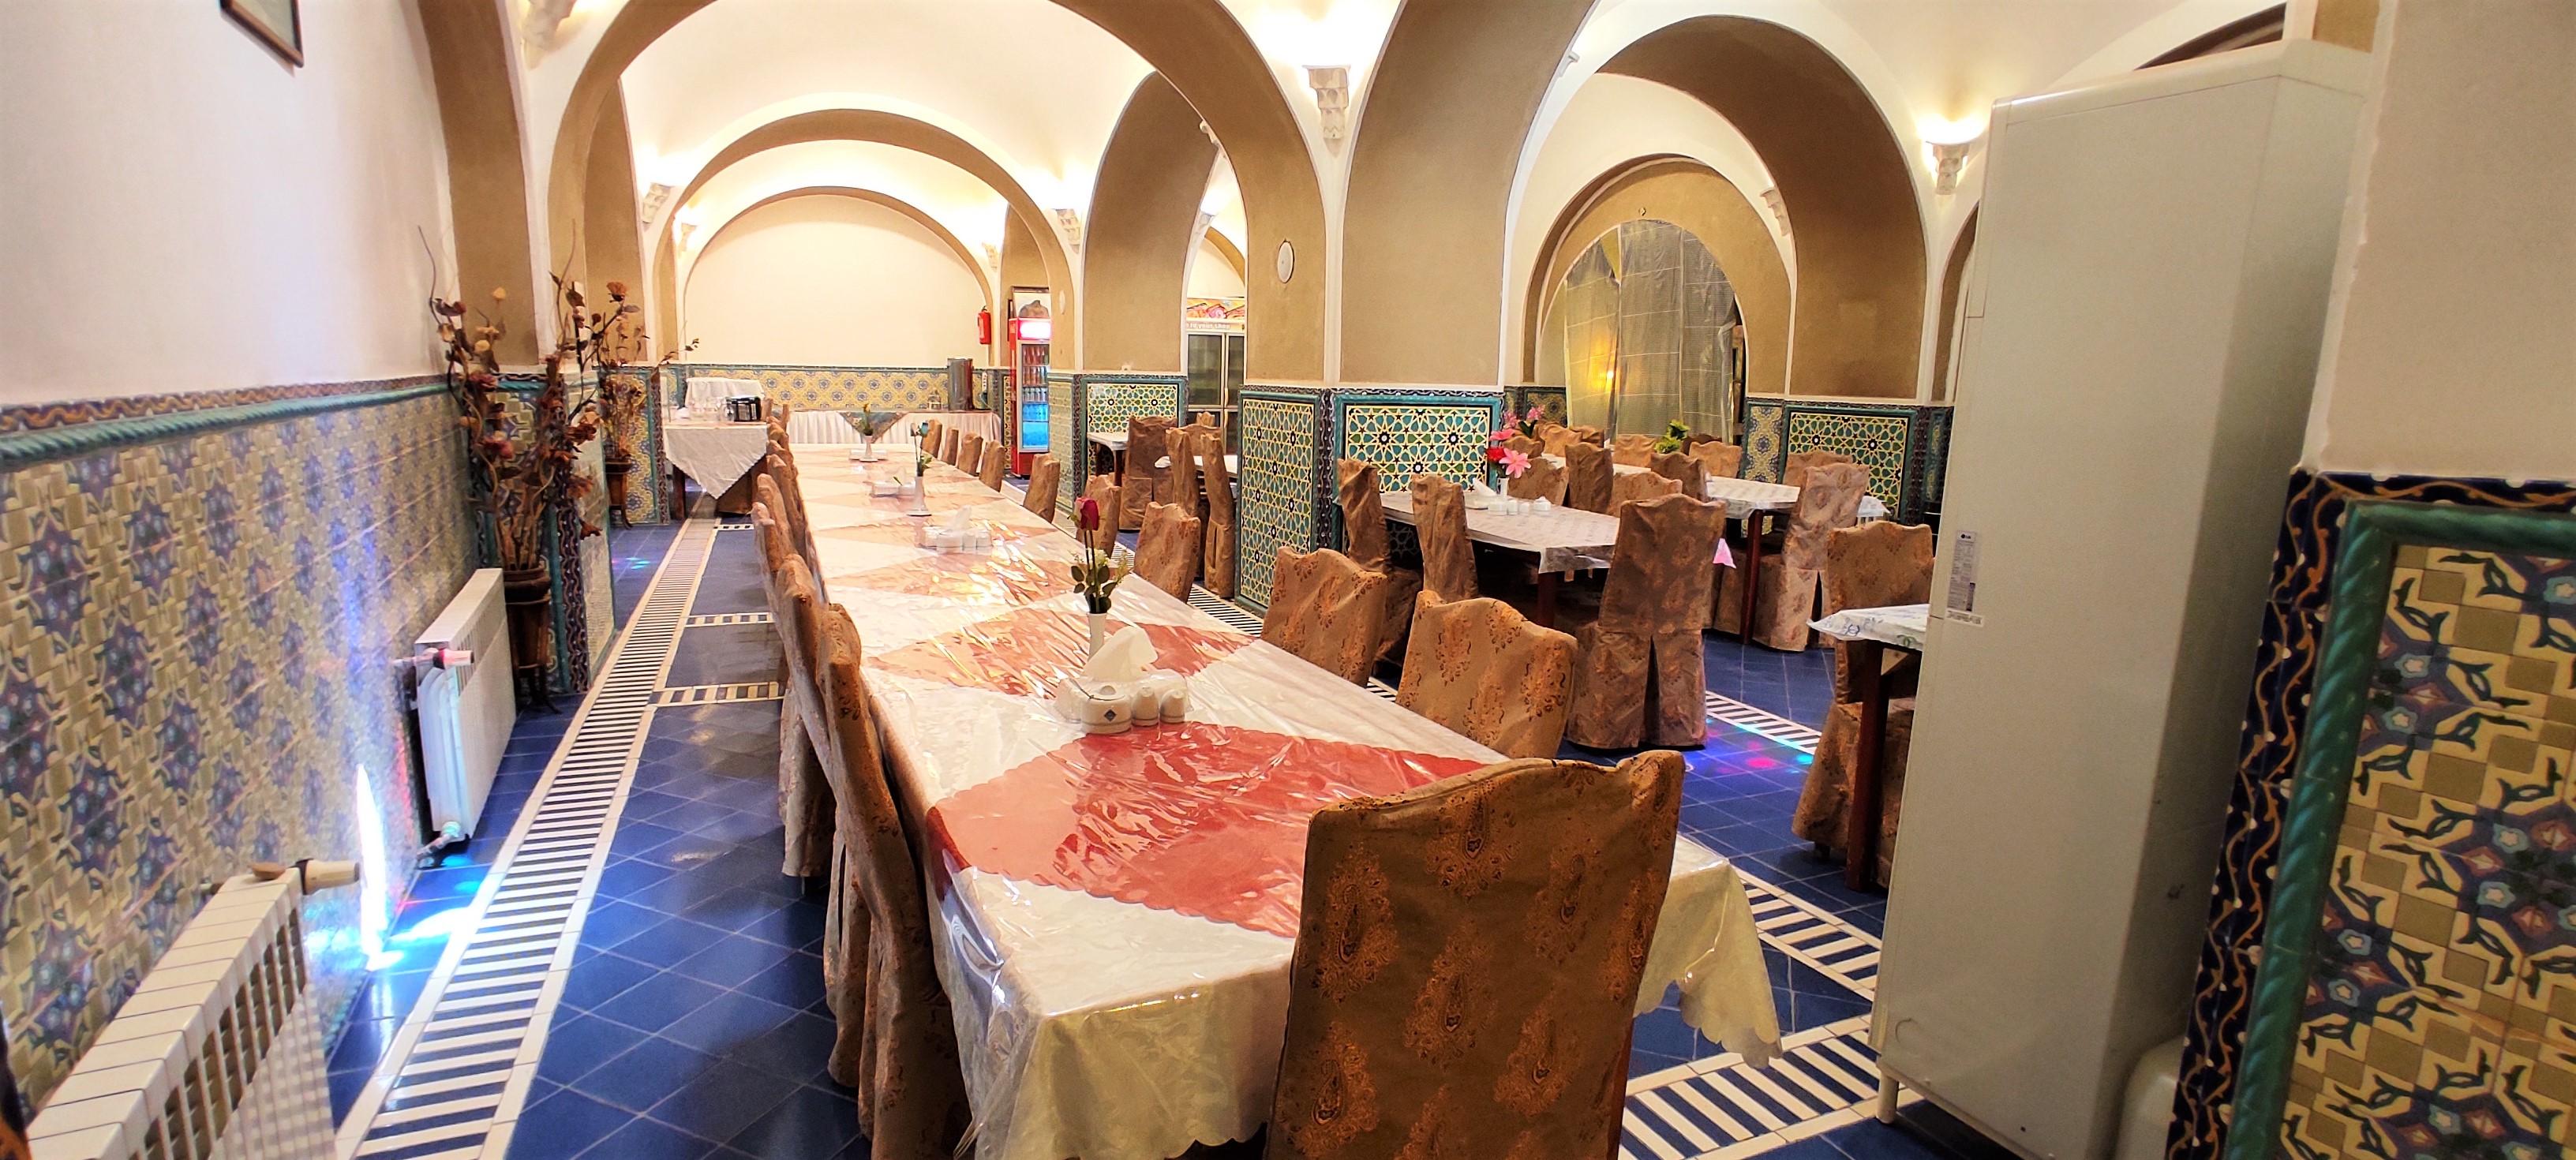 شهری اتاق سنتی در مصلی یزد - 205